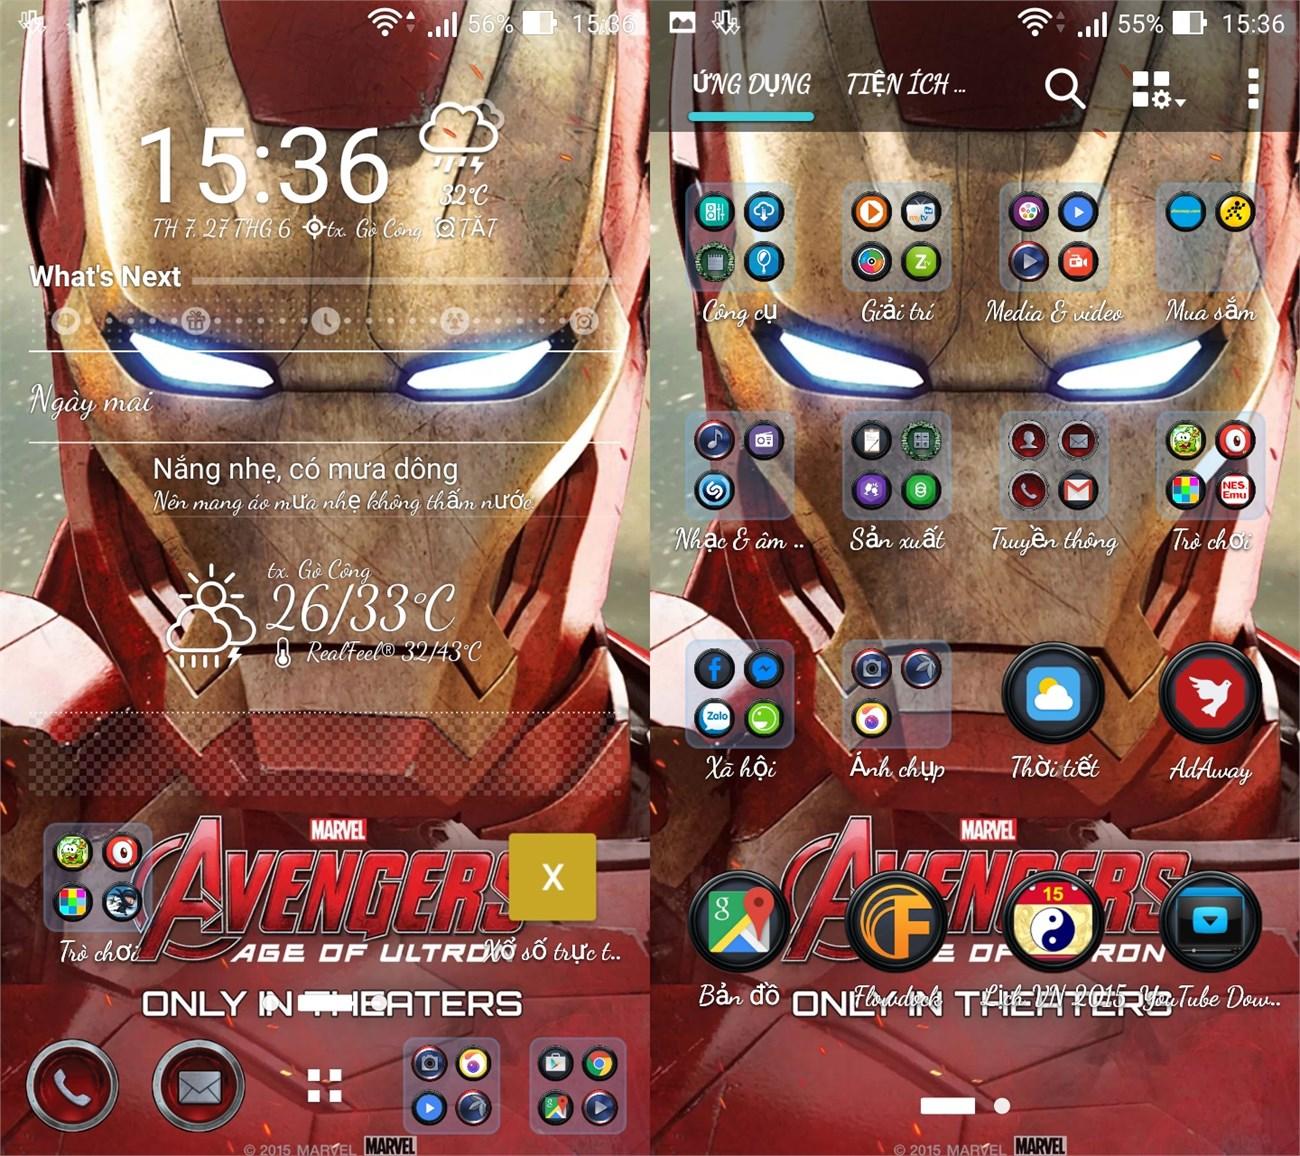 Ảnh chụp màn hình trên Asus Zenfone 6 sau khi áp dụng Theme Iron Man